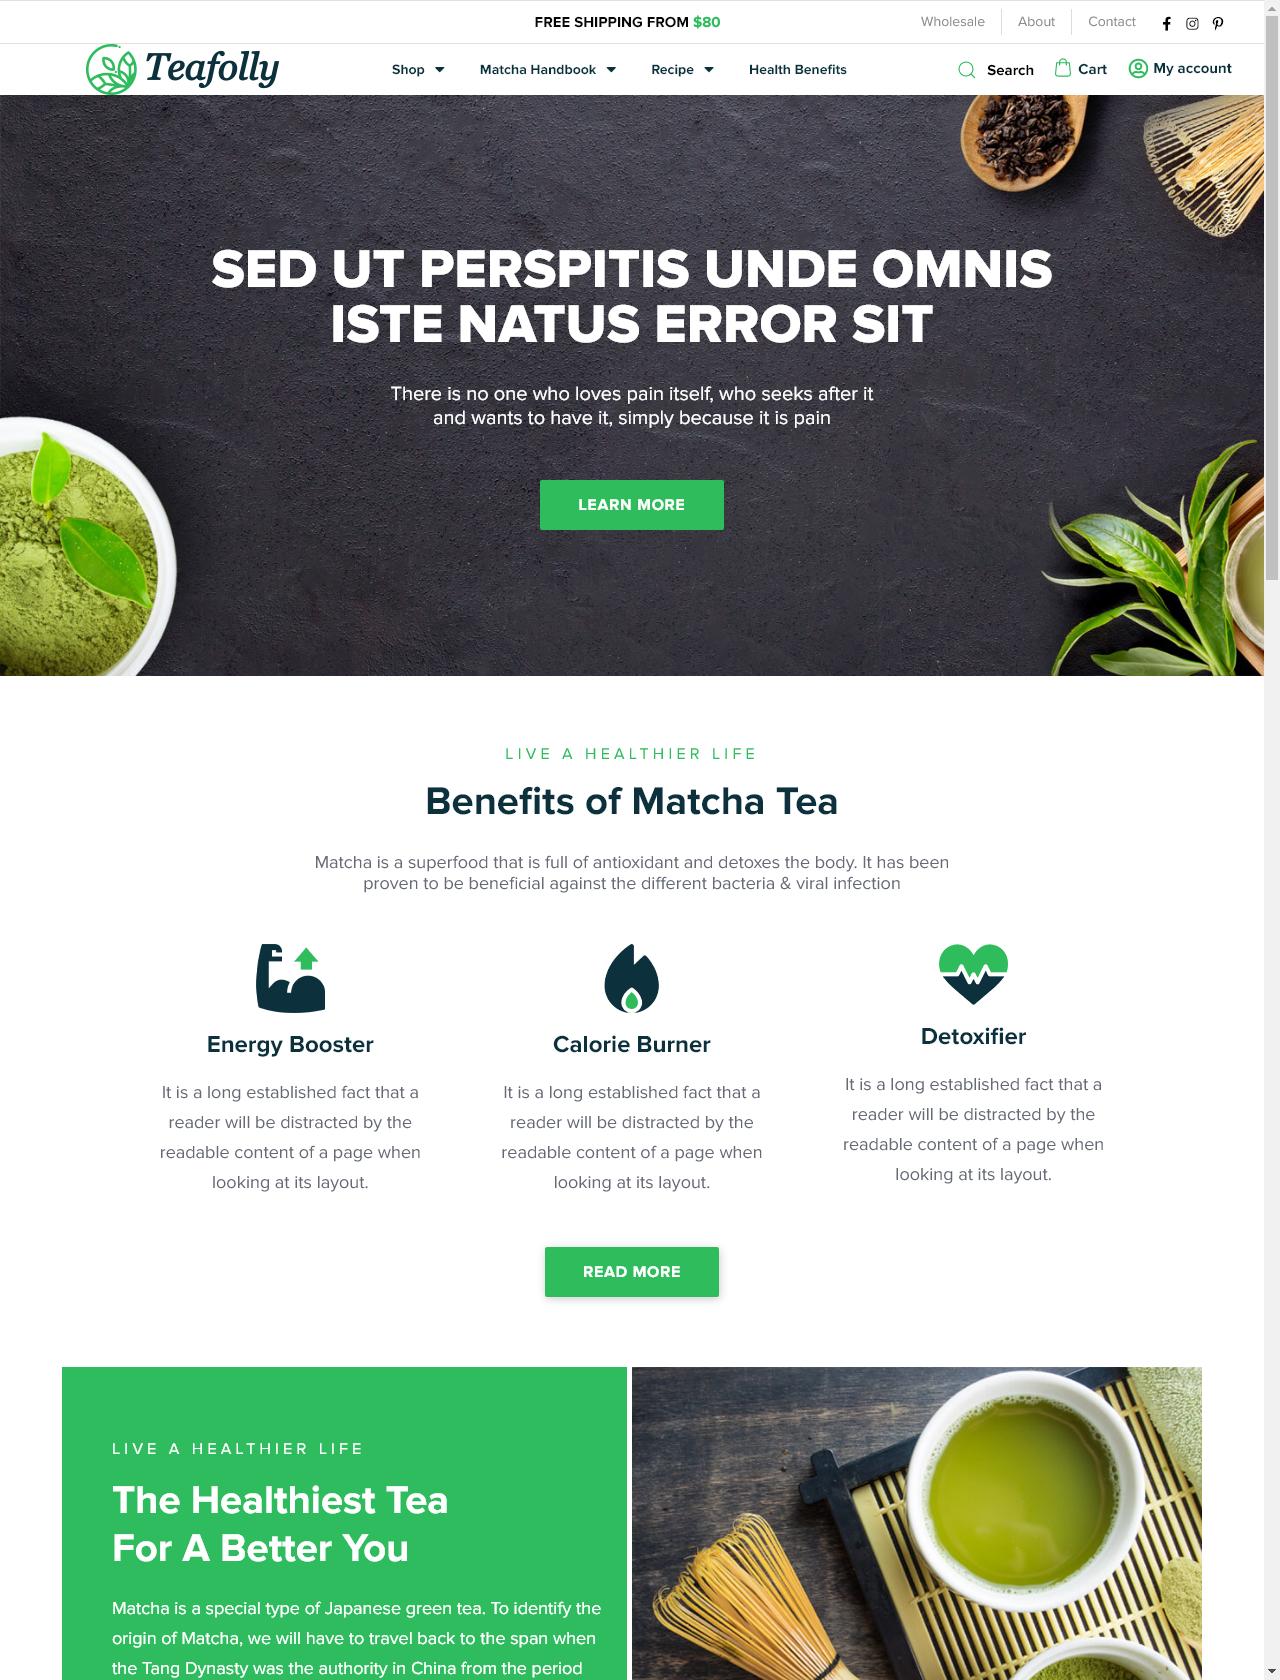 Screenshot Desktop - https://teafolly.com/